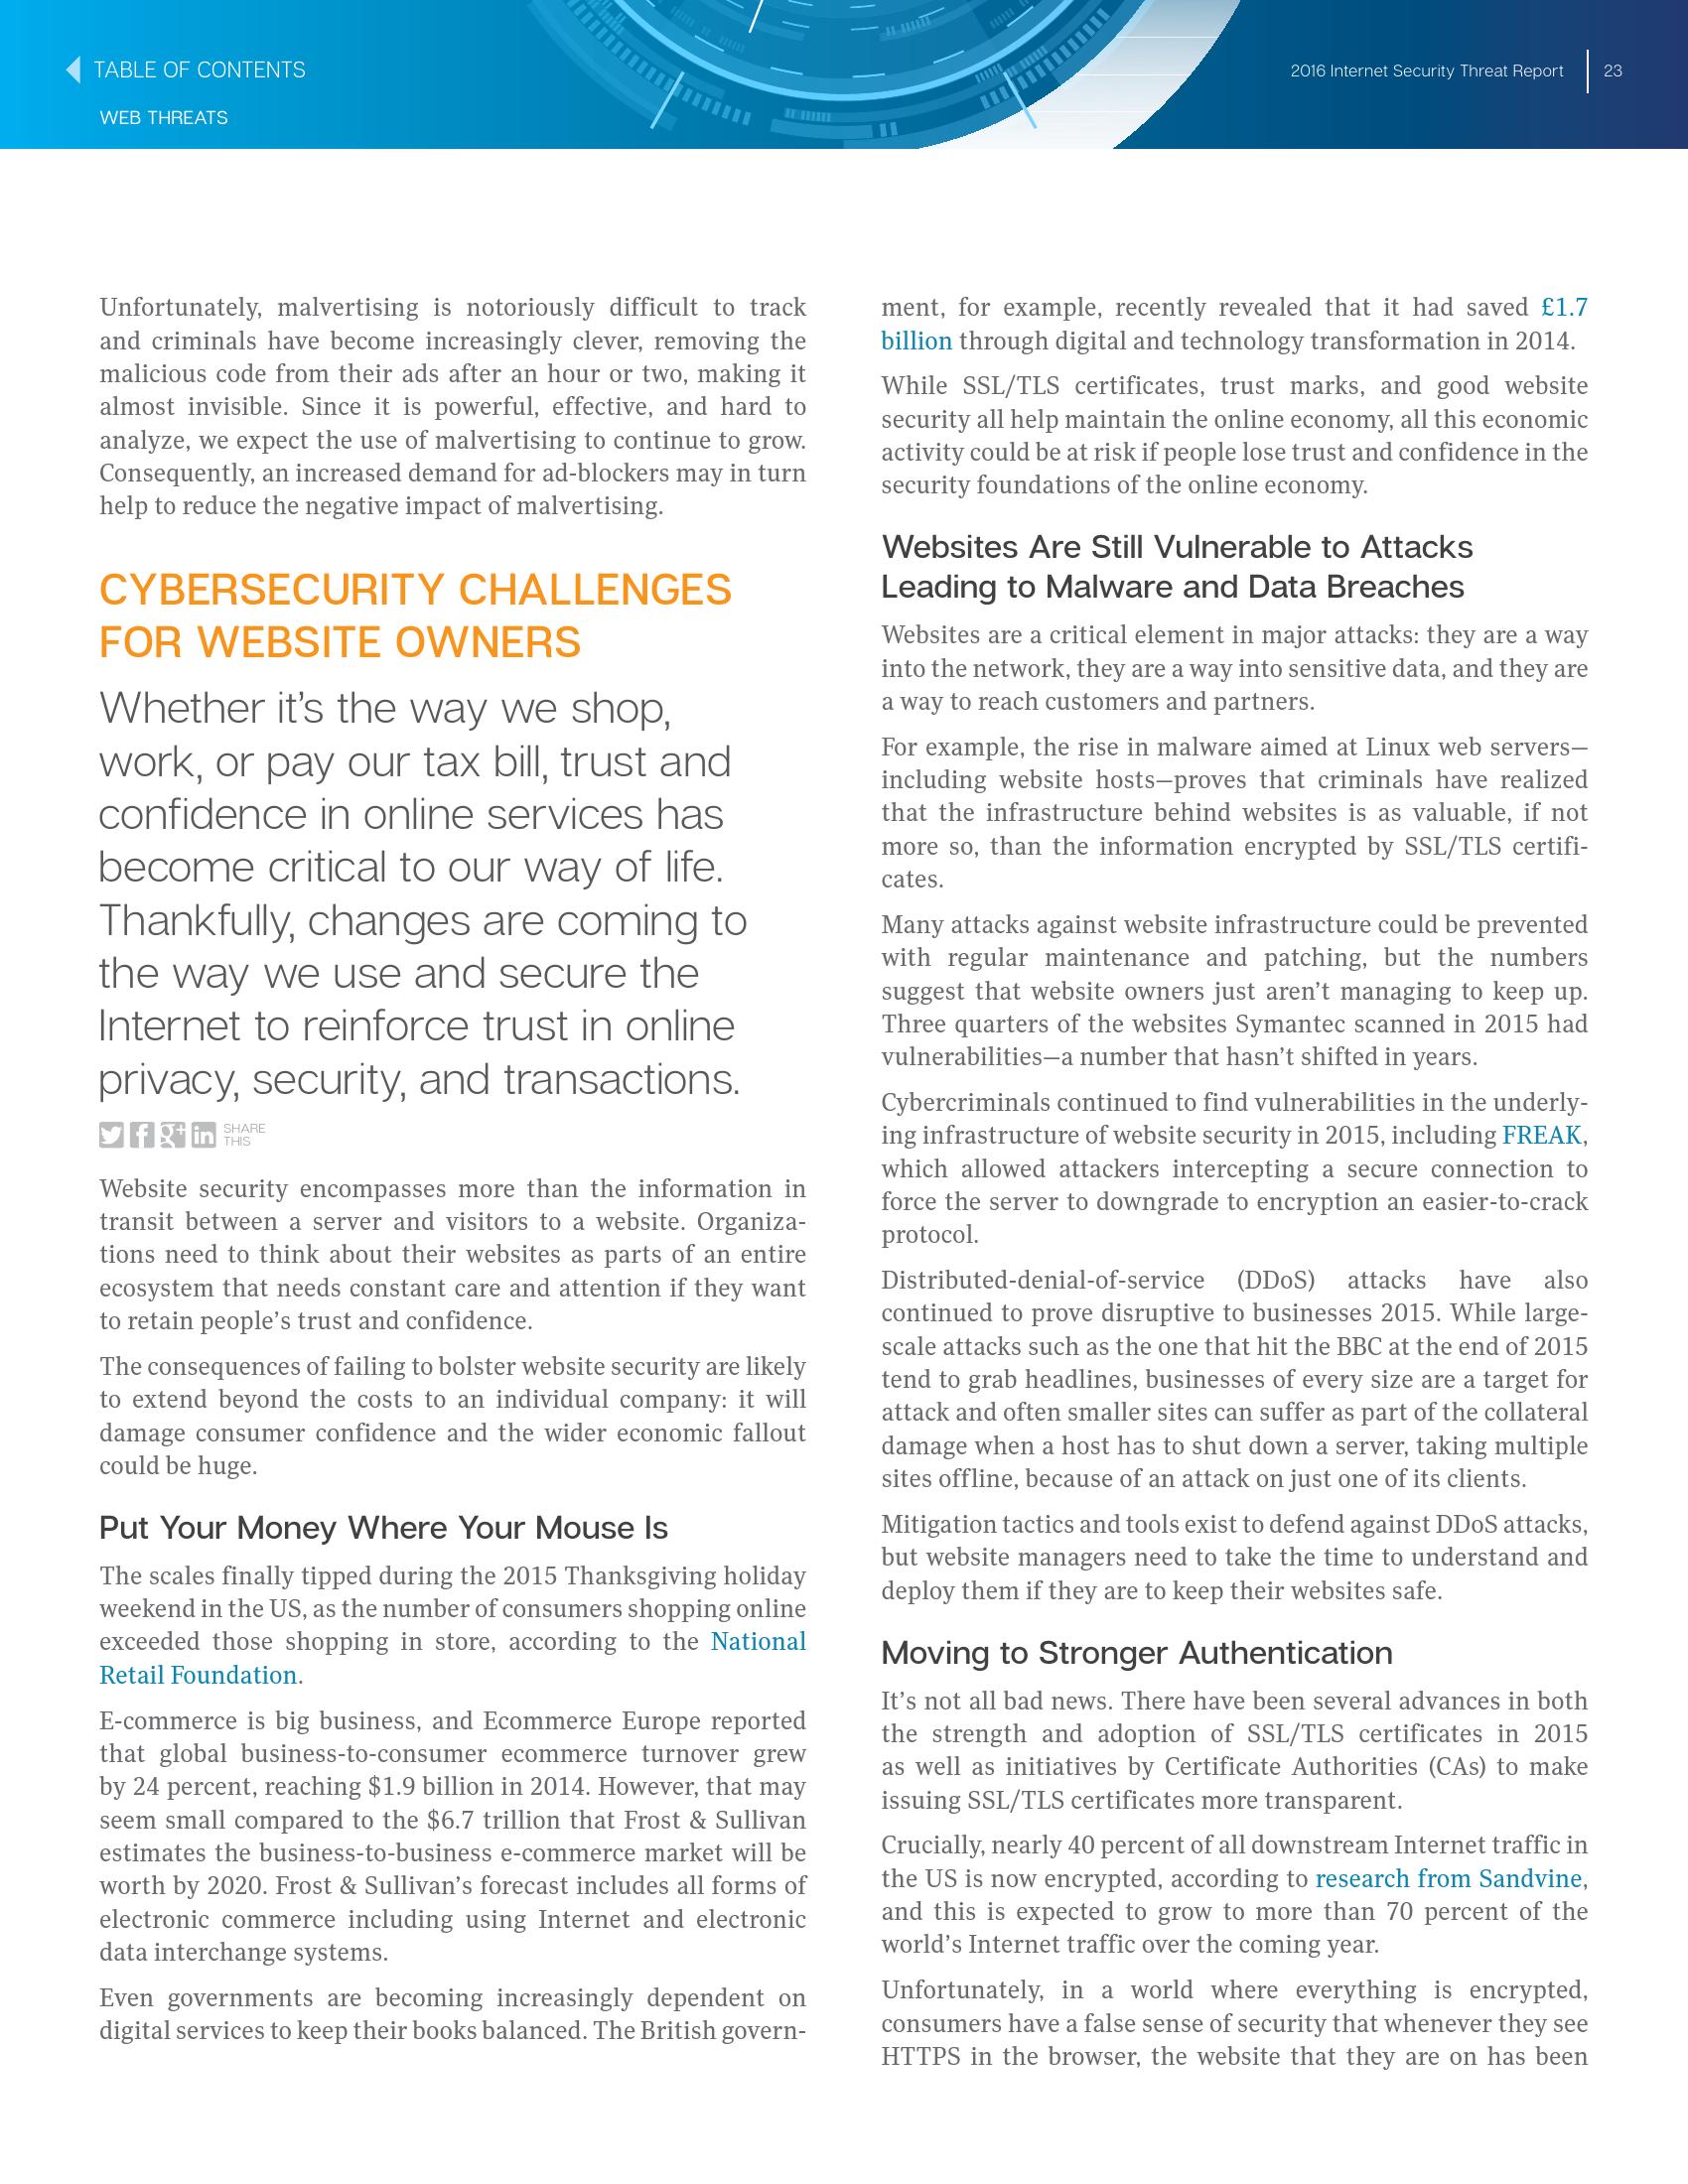 2016年互联网安全威胁报告_000023